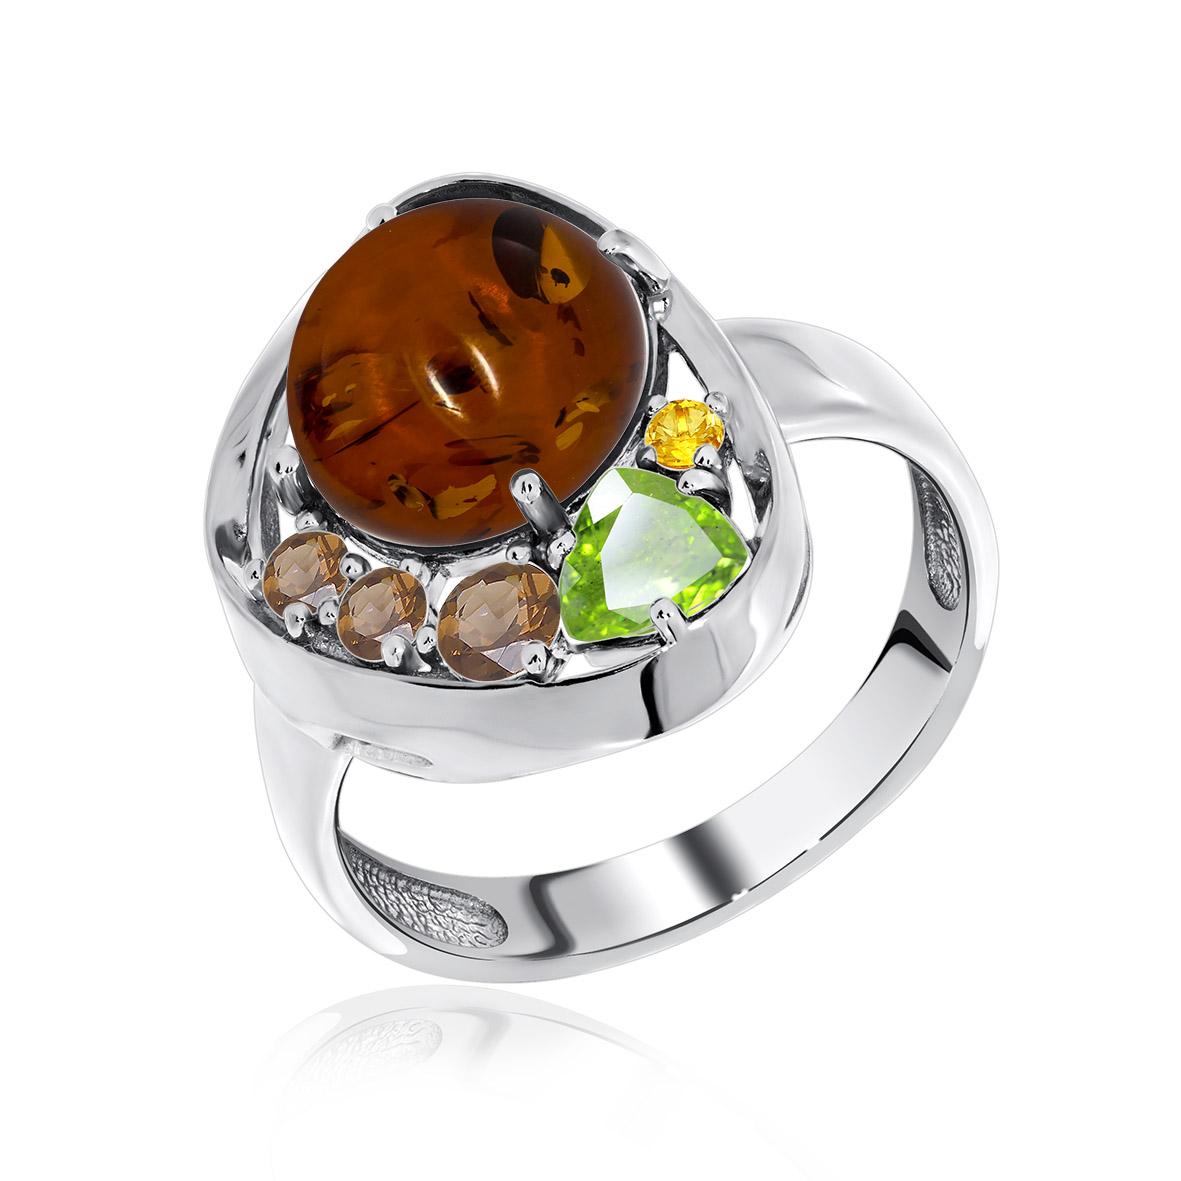 Серебряное кольцо Прочие, Фианит и Янтарь арт. 1340861170 1340861170